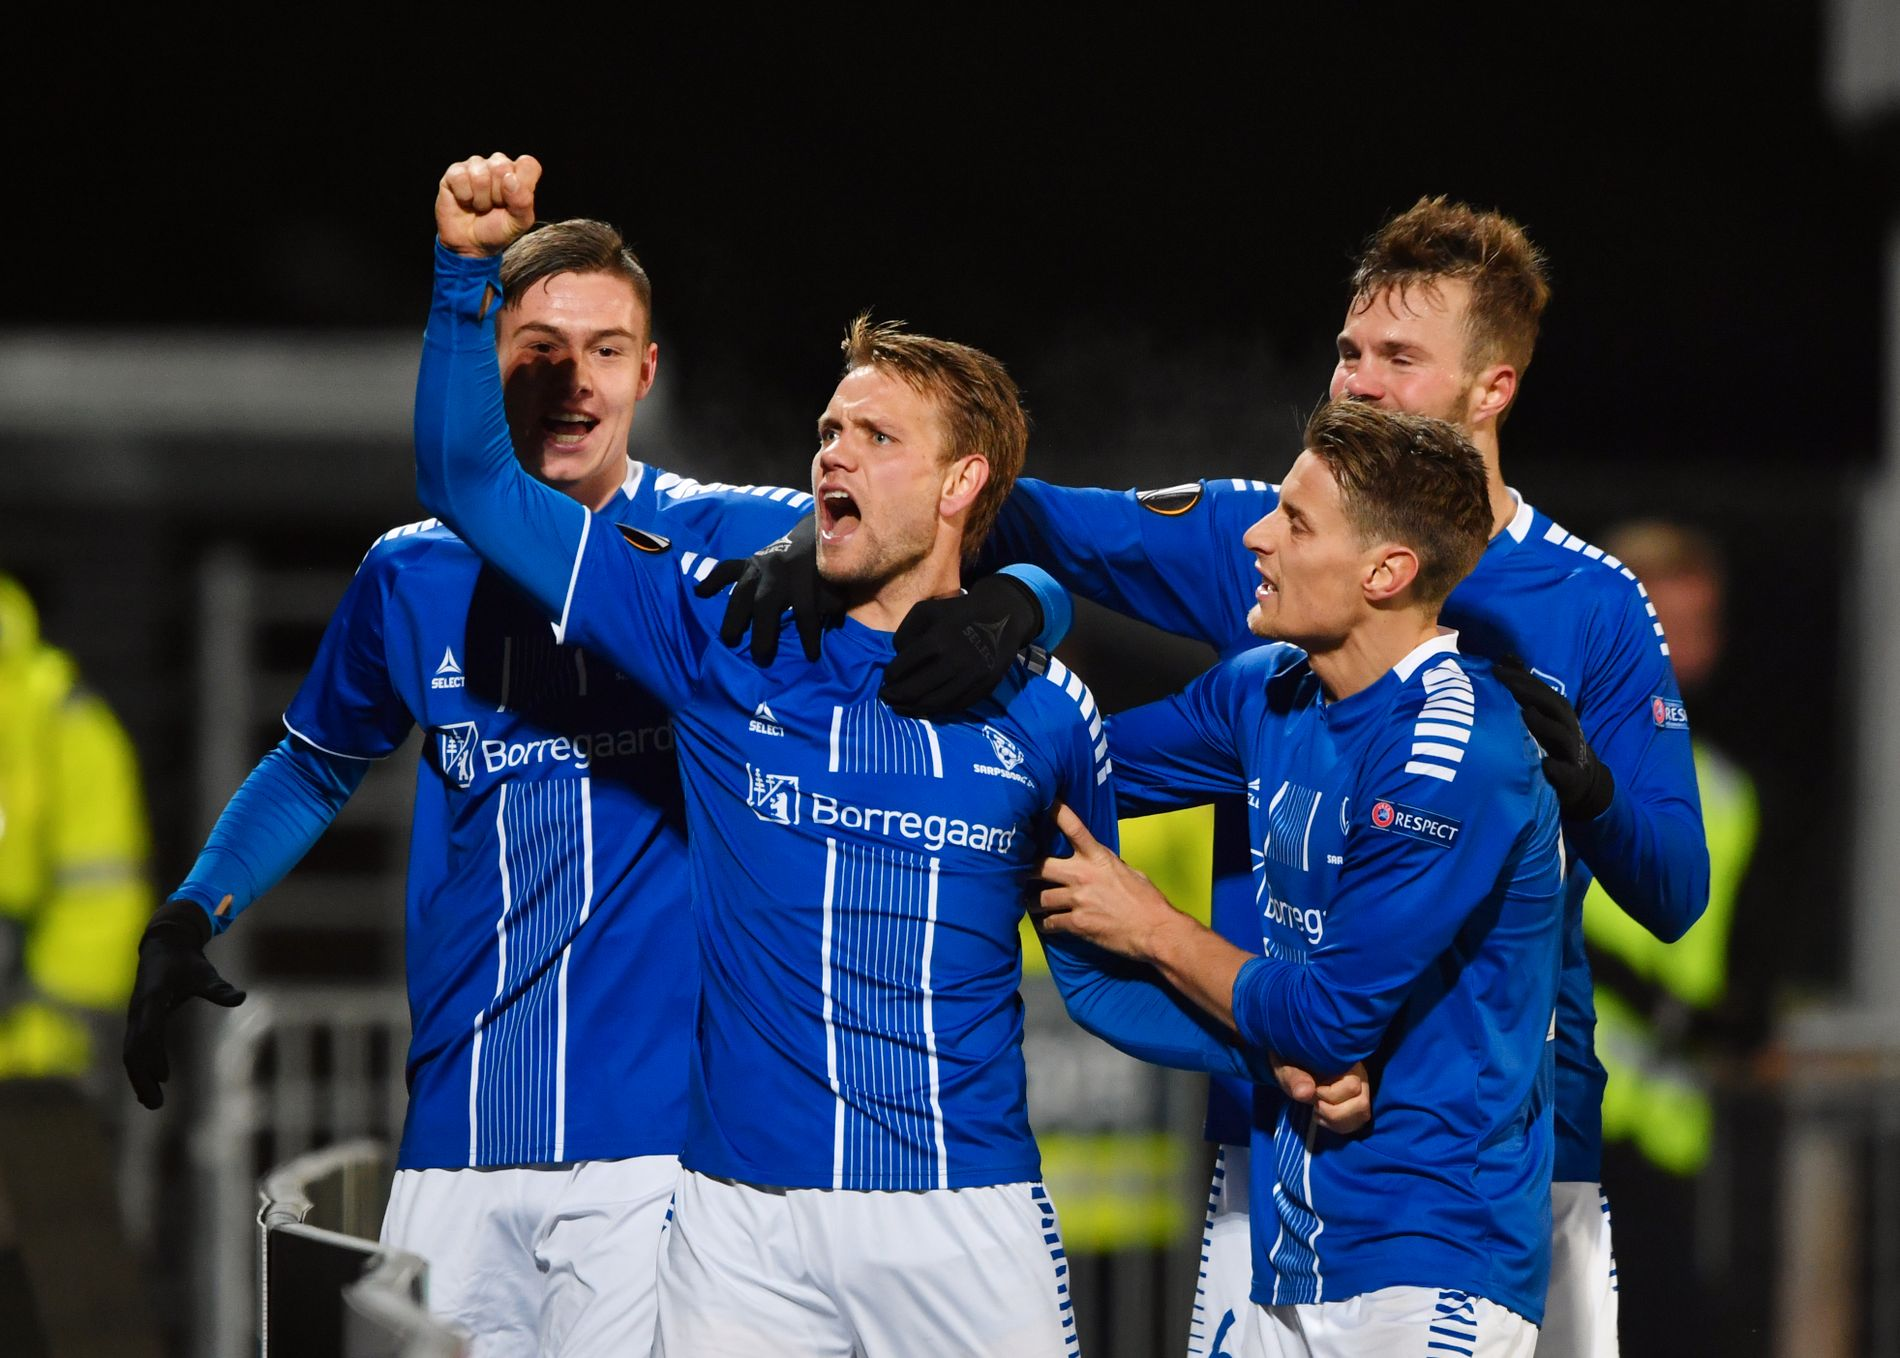 JUBELHØST: Sarpsborg 08 har ikke greid å følge opp fjorårets medalje i Eliteserien, men med gruppespill i Europa League er det noe de færreste sarpinger bryr seg.